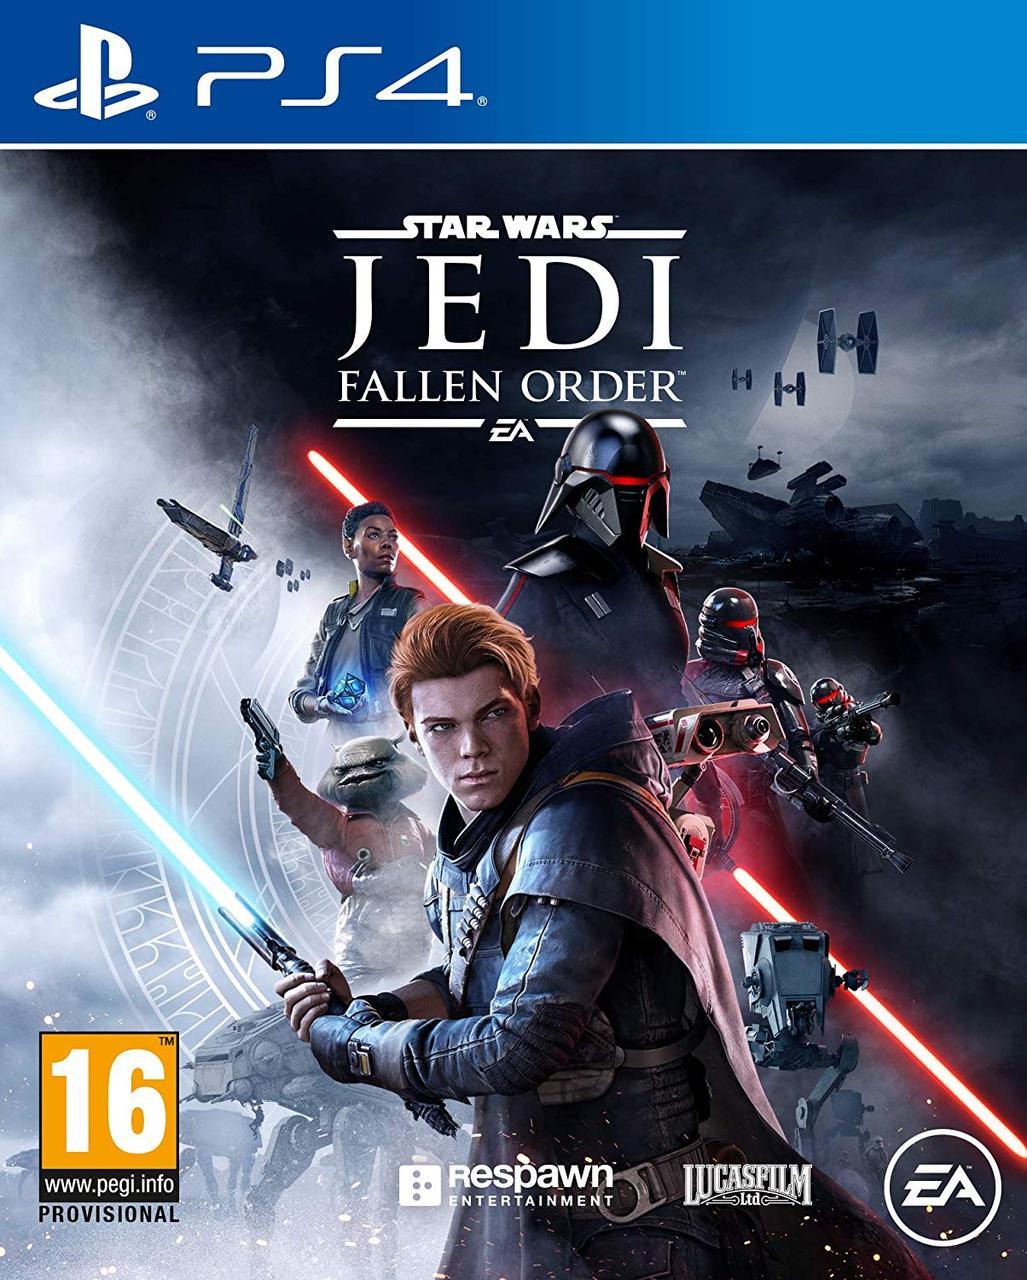 Зоряні Війни Джедаї: Павший Орден. Star Wars Jedi: Fallen Order (PS4, російська версія)